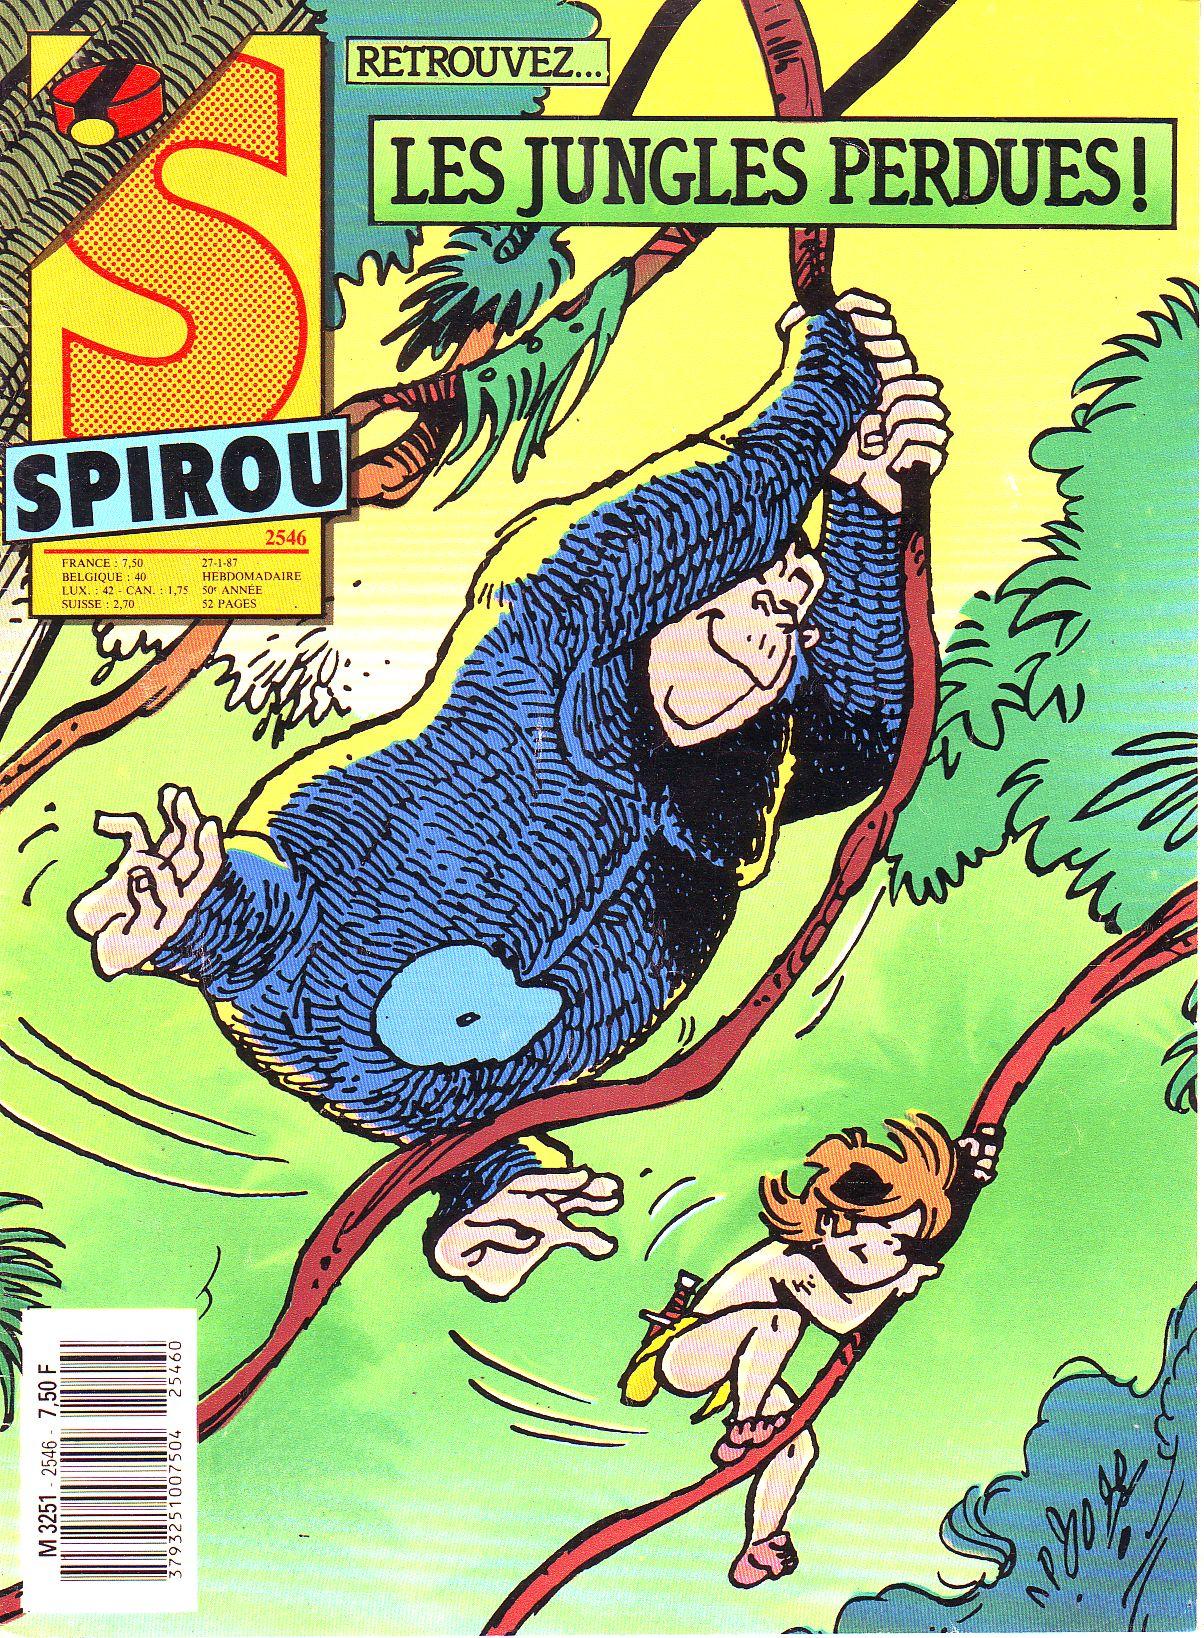 Le journal de Spirou 2546